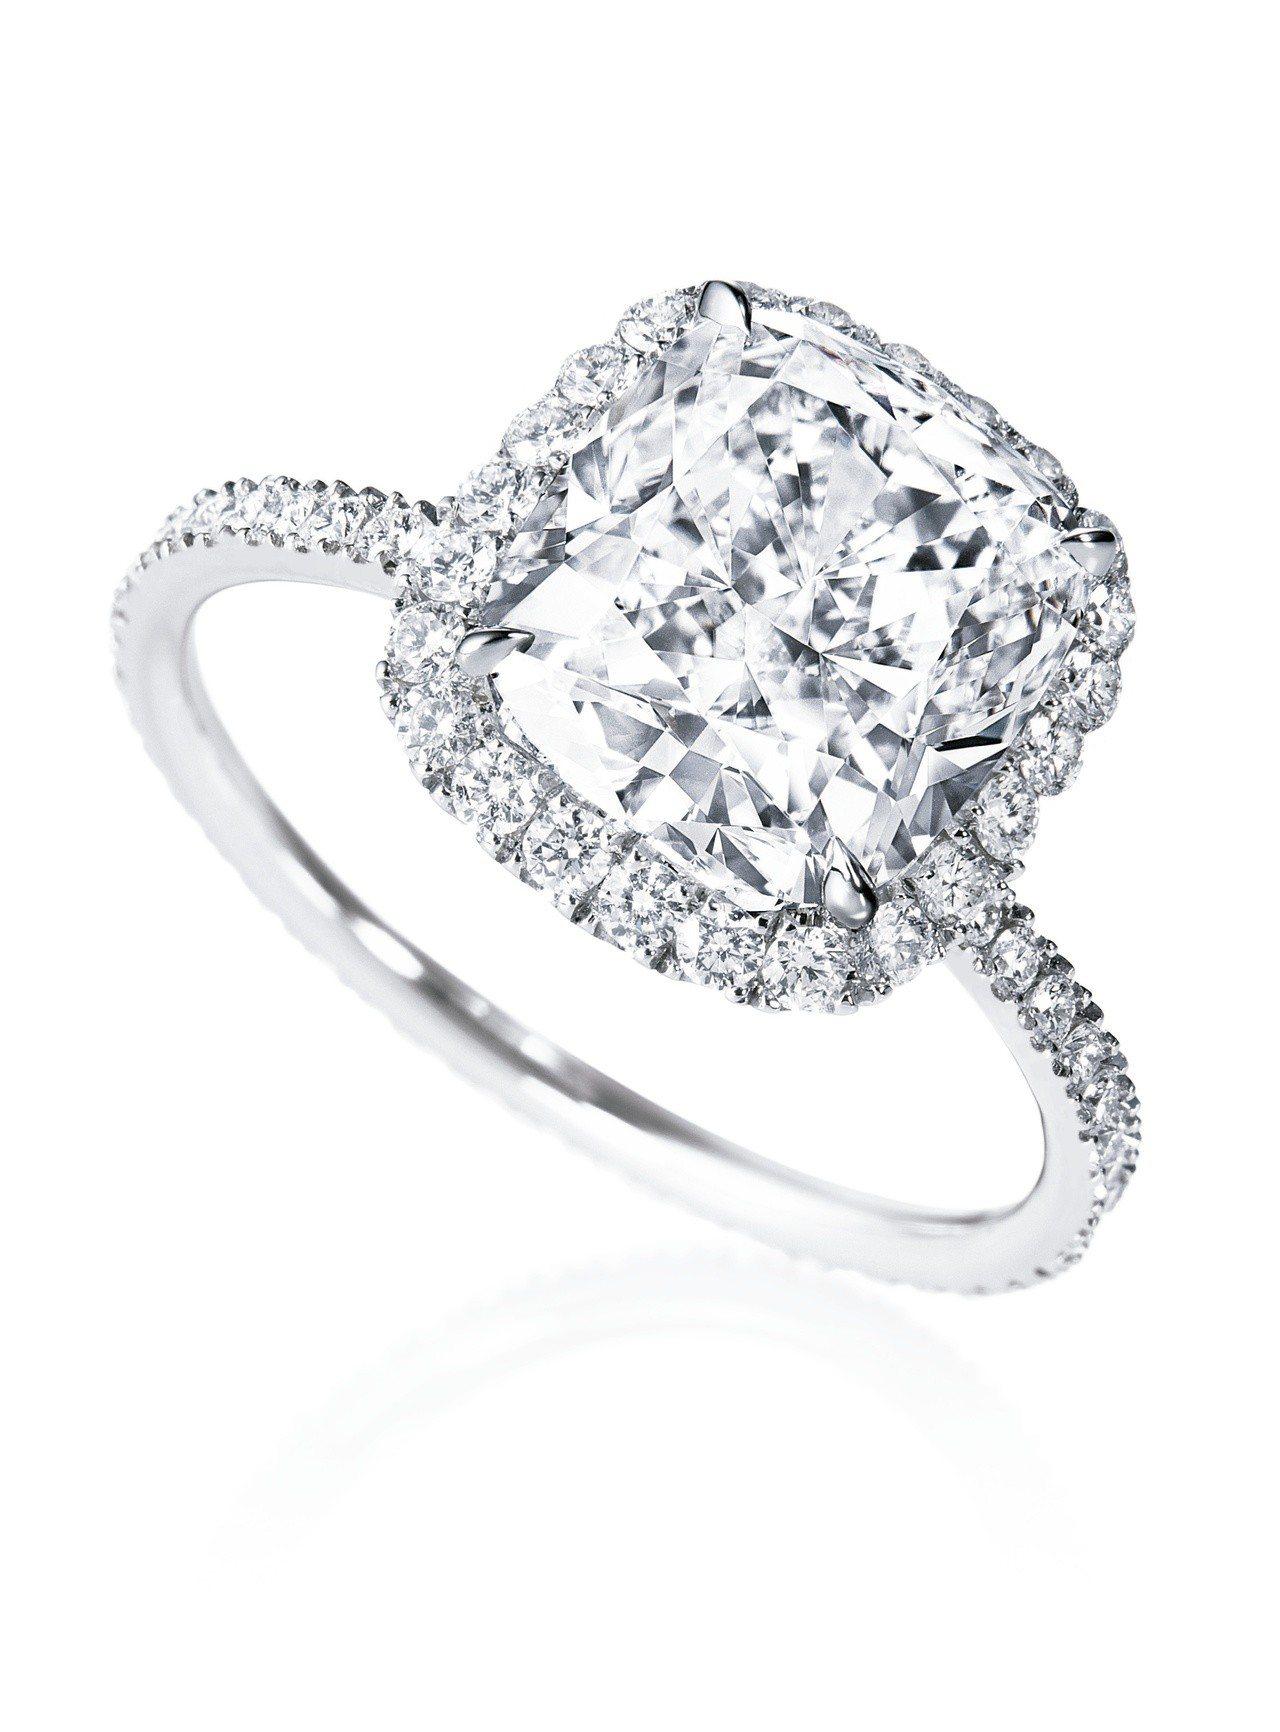 海瑞溫斯頓The One系列枕型切工鑽石戒指,主鑽有圓形、橢圓形、枕型車工可選,...